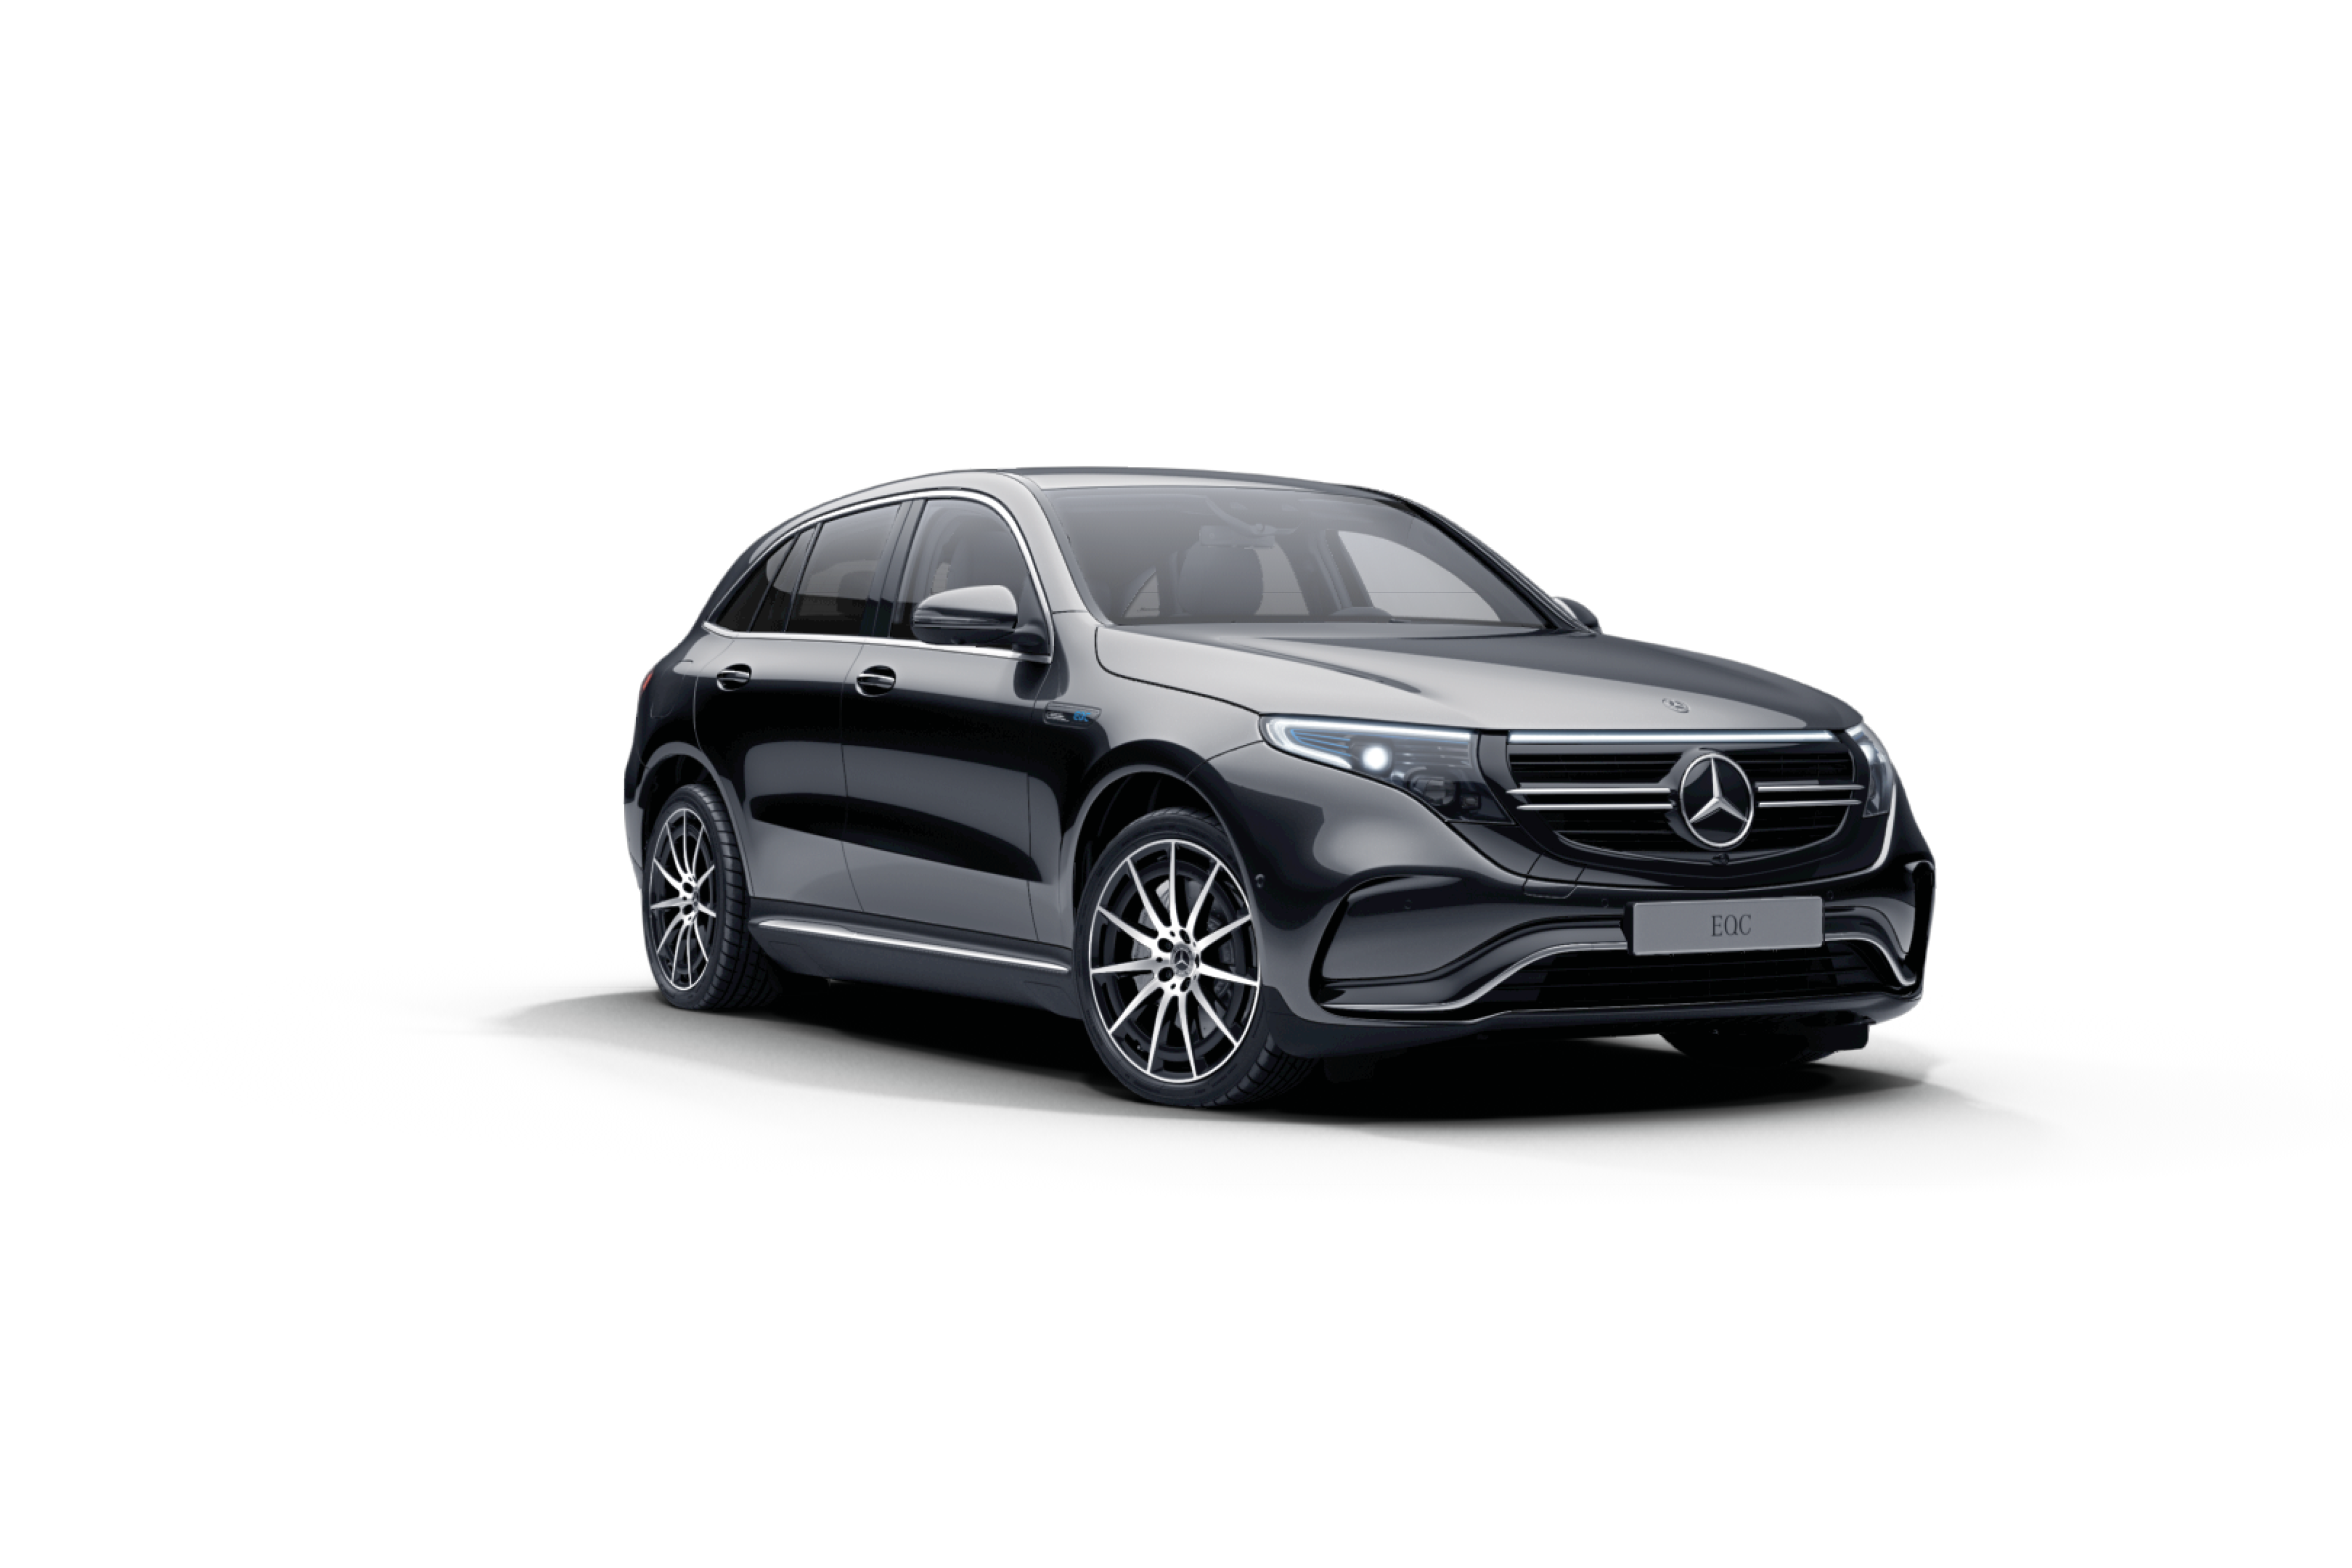 mercedes-benz EQC 400 4M AMG Edition Premium